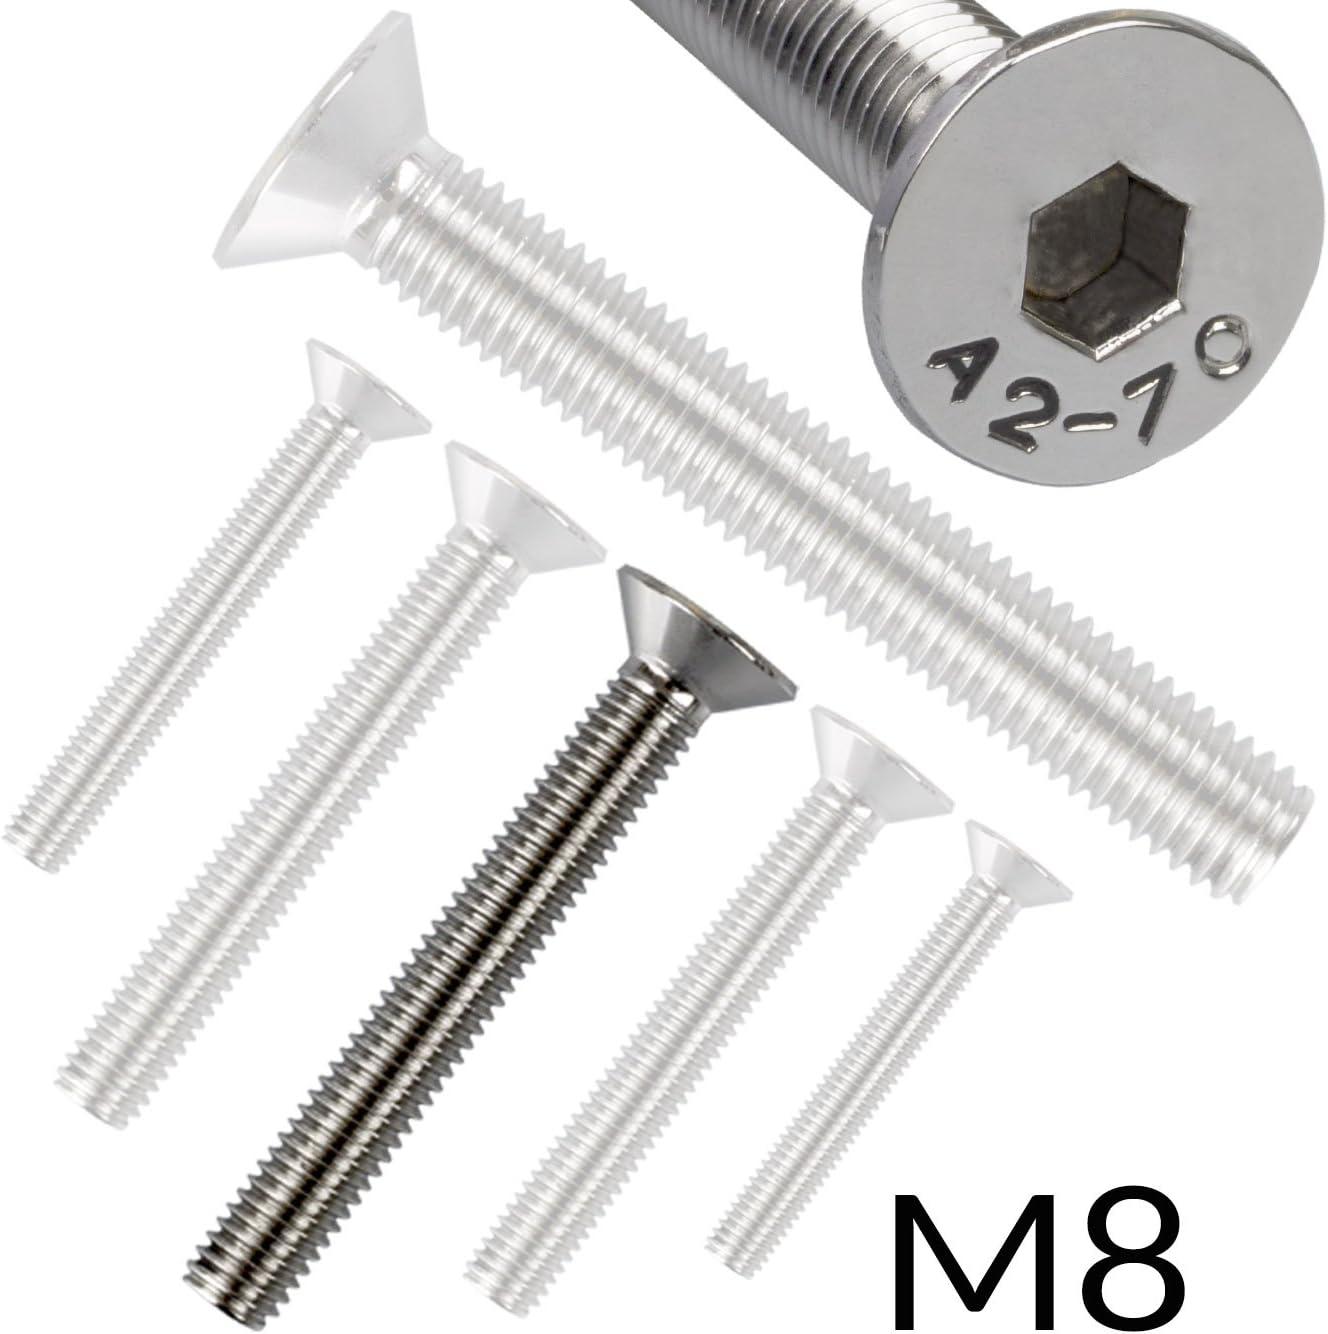 50 Senkkopfschrauben mit Innensechskant Edelstahl M 10 x 55 mm Vollgewindeschrauben Schrauben DIN 7991 A2